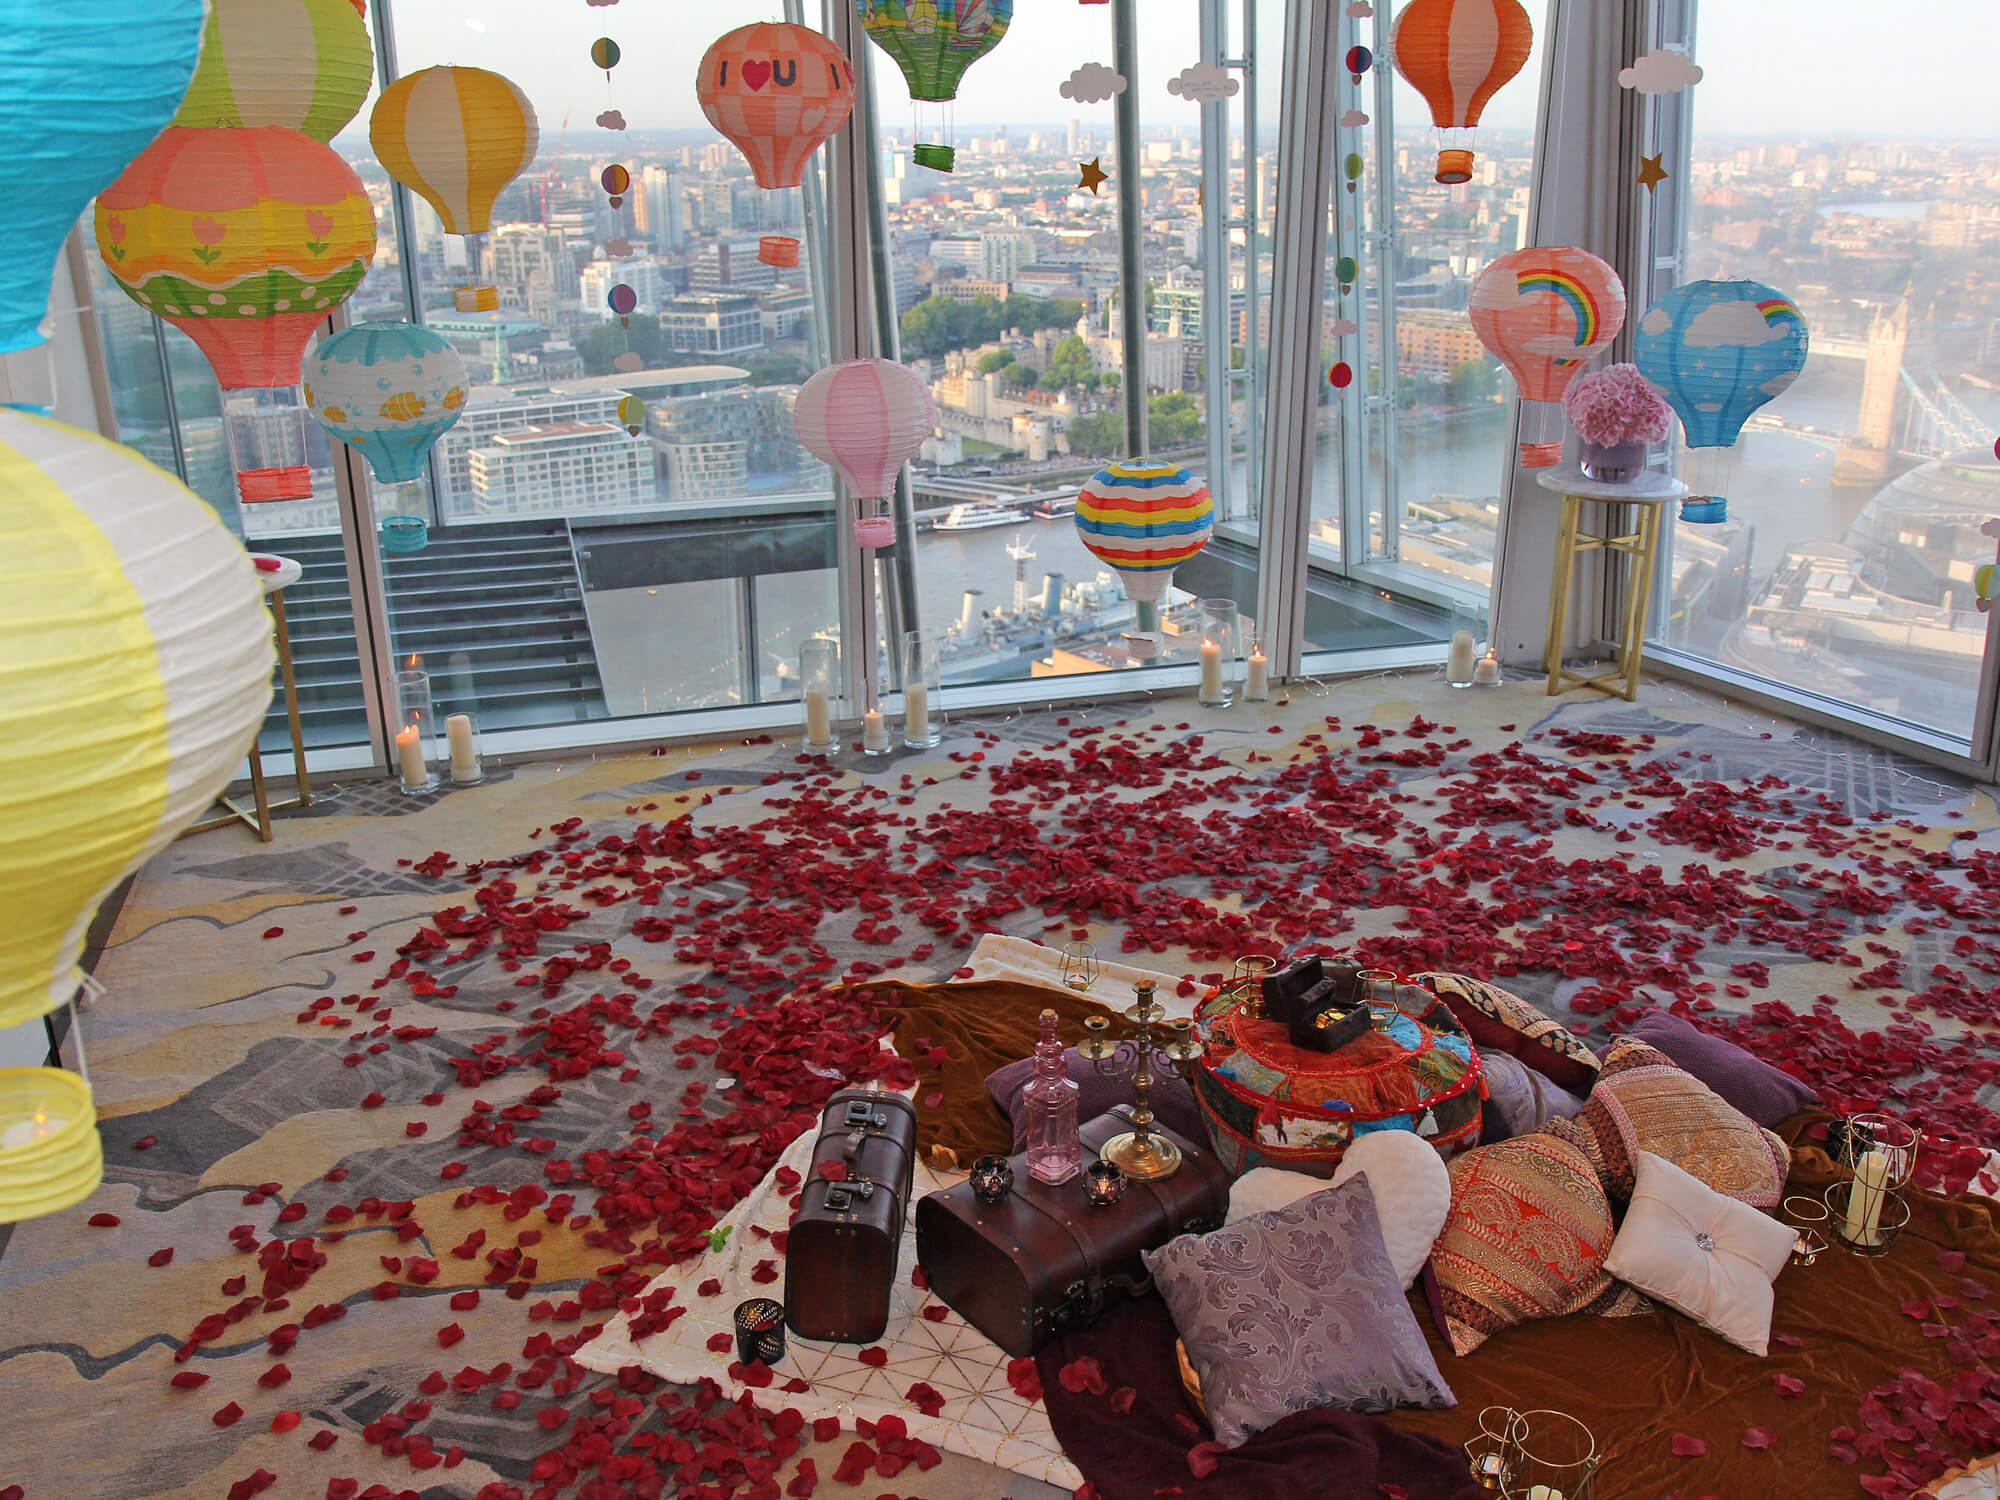 Summer Holiday Proposal